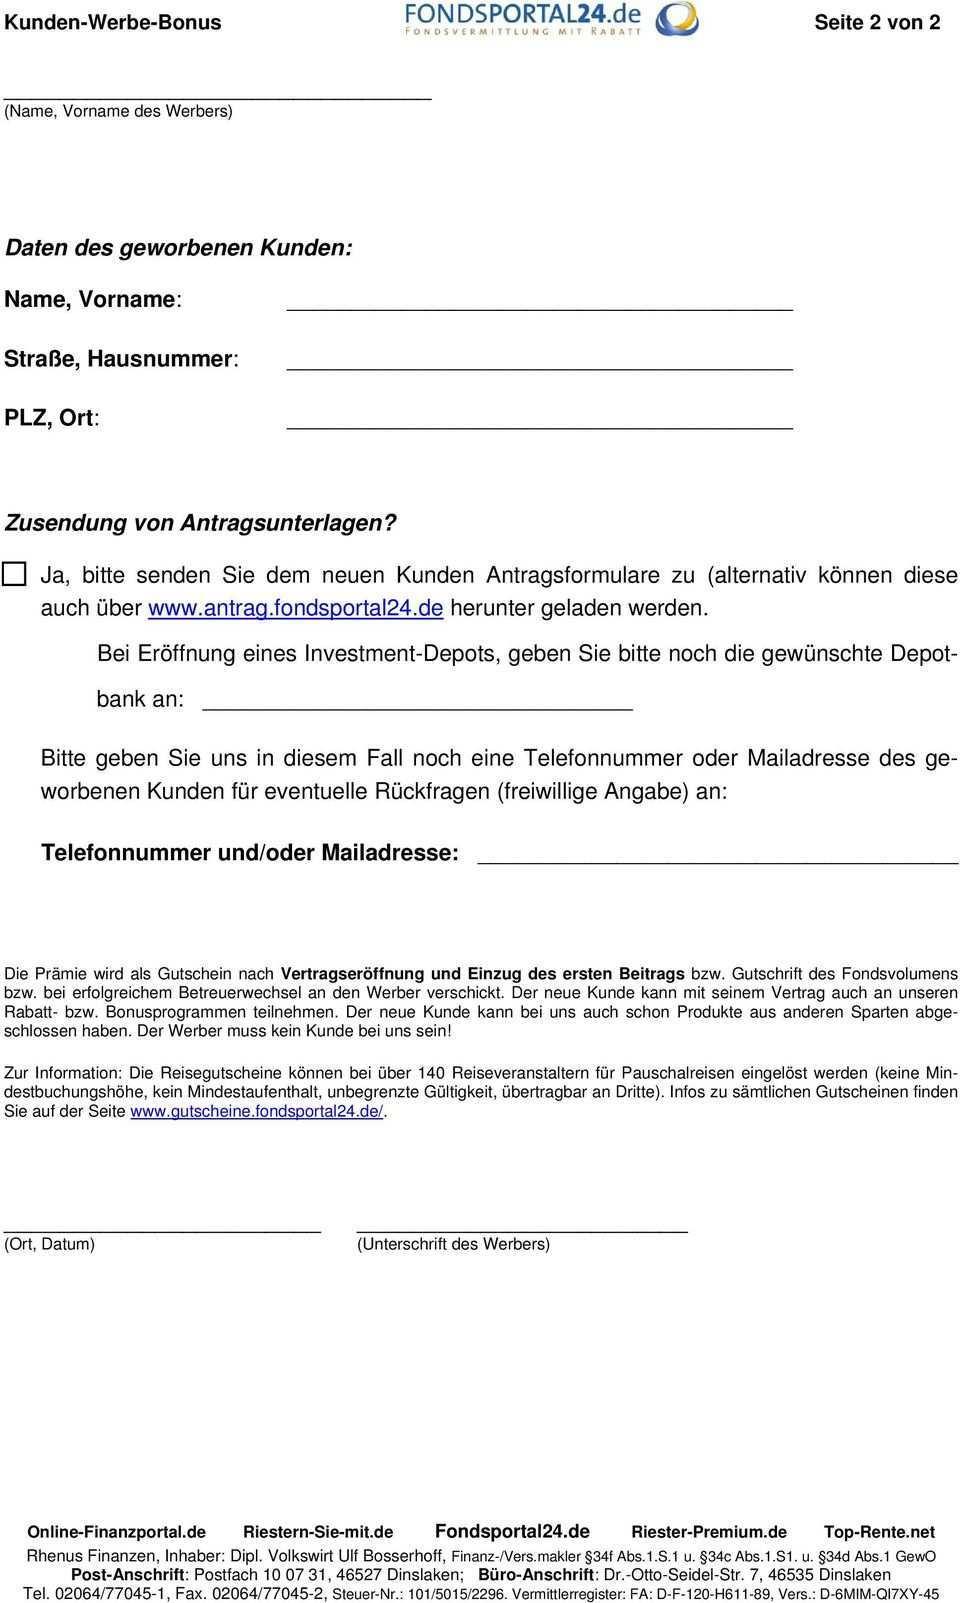 Betreuerwechsel Dws Riesterrente Premium Mit Sonderkonditionen Pdf Free Download